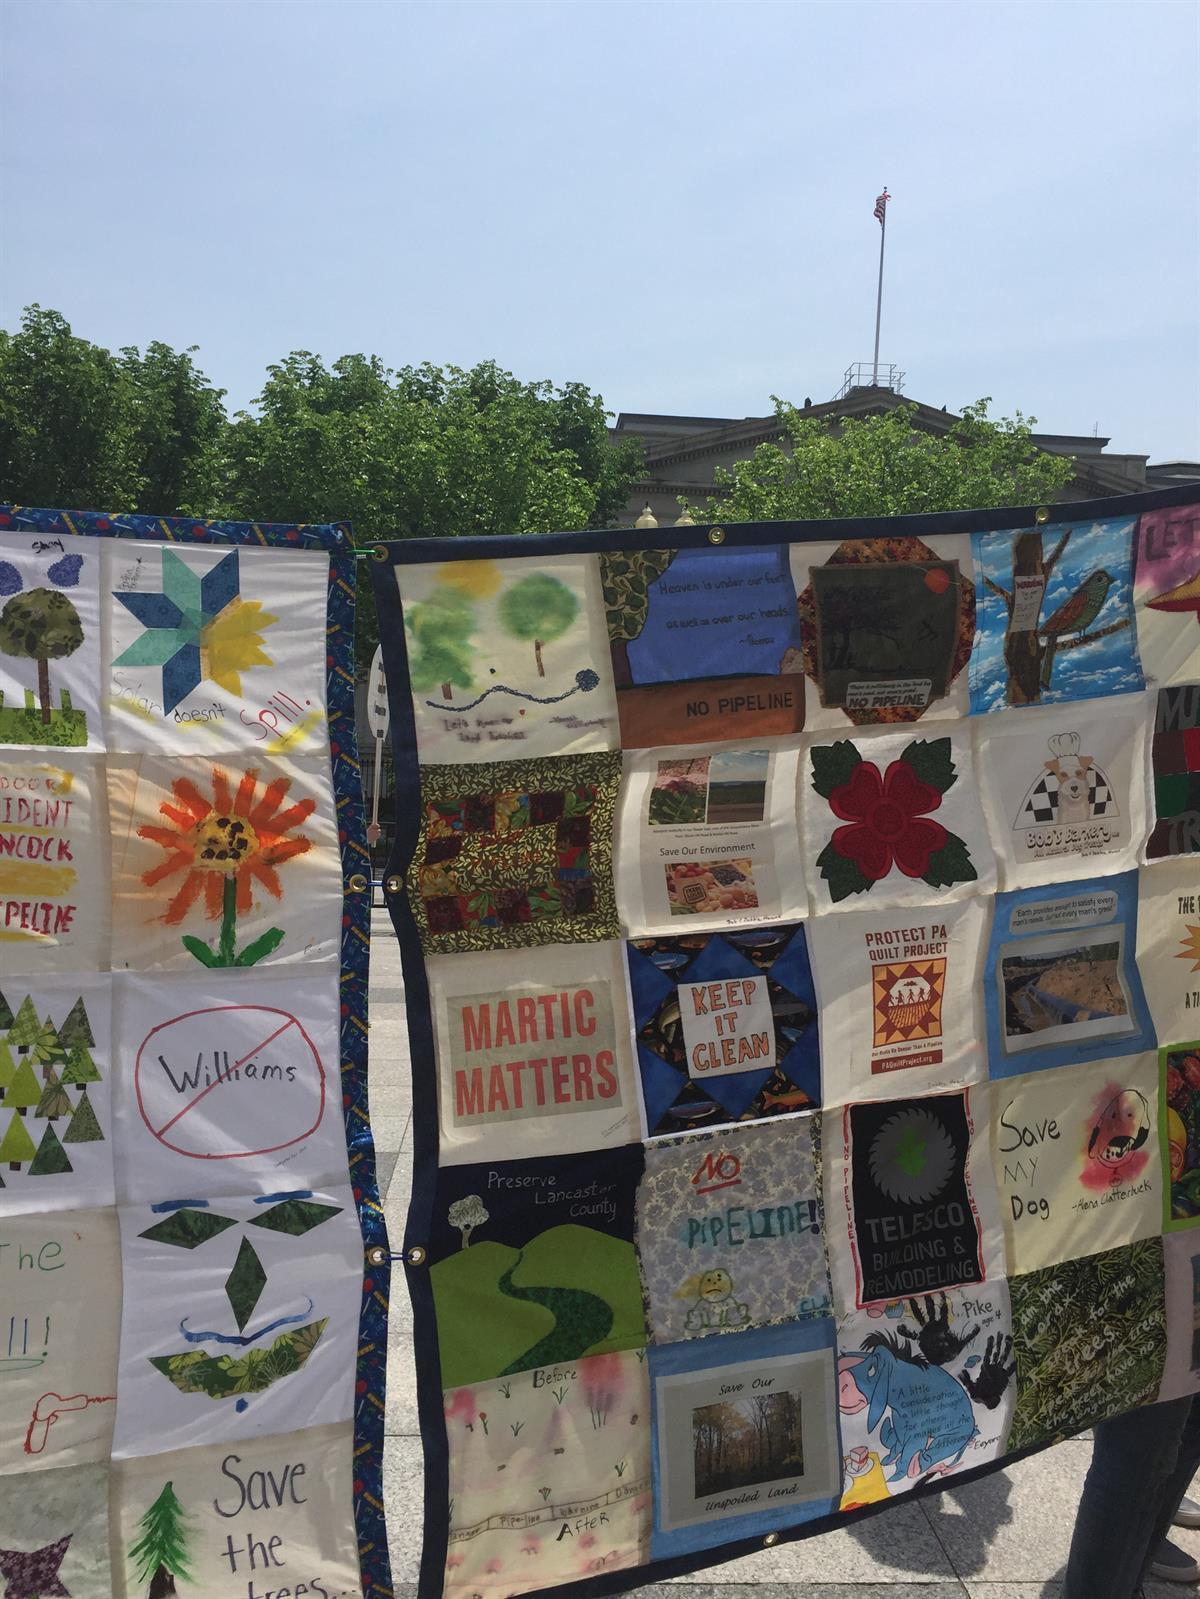 A large quilt depicting different climateslogans.